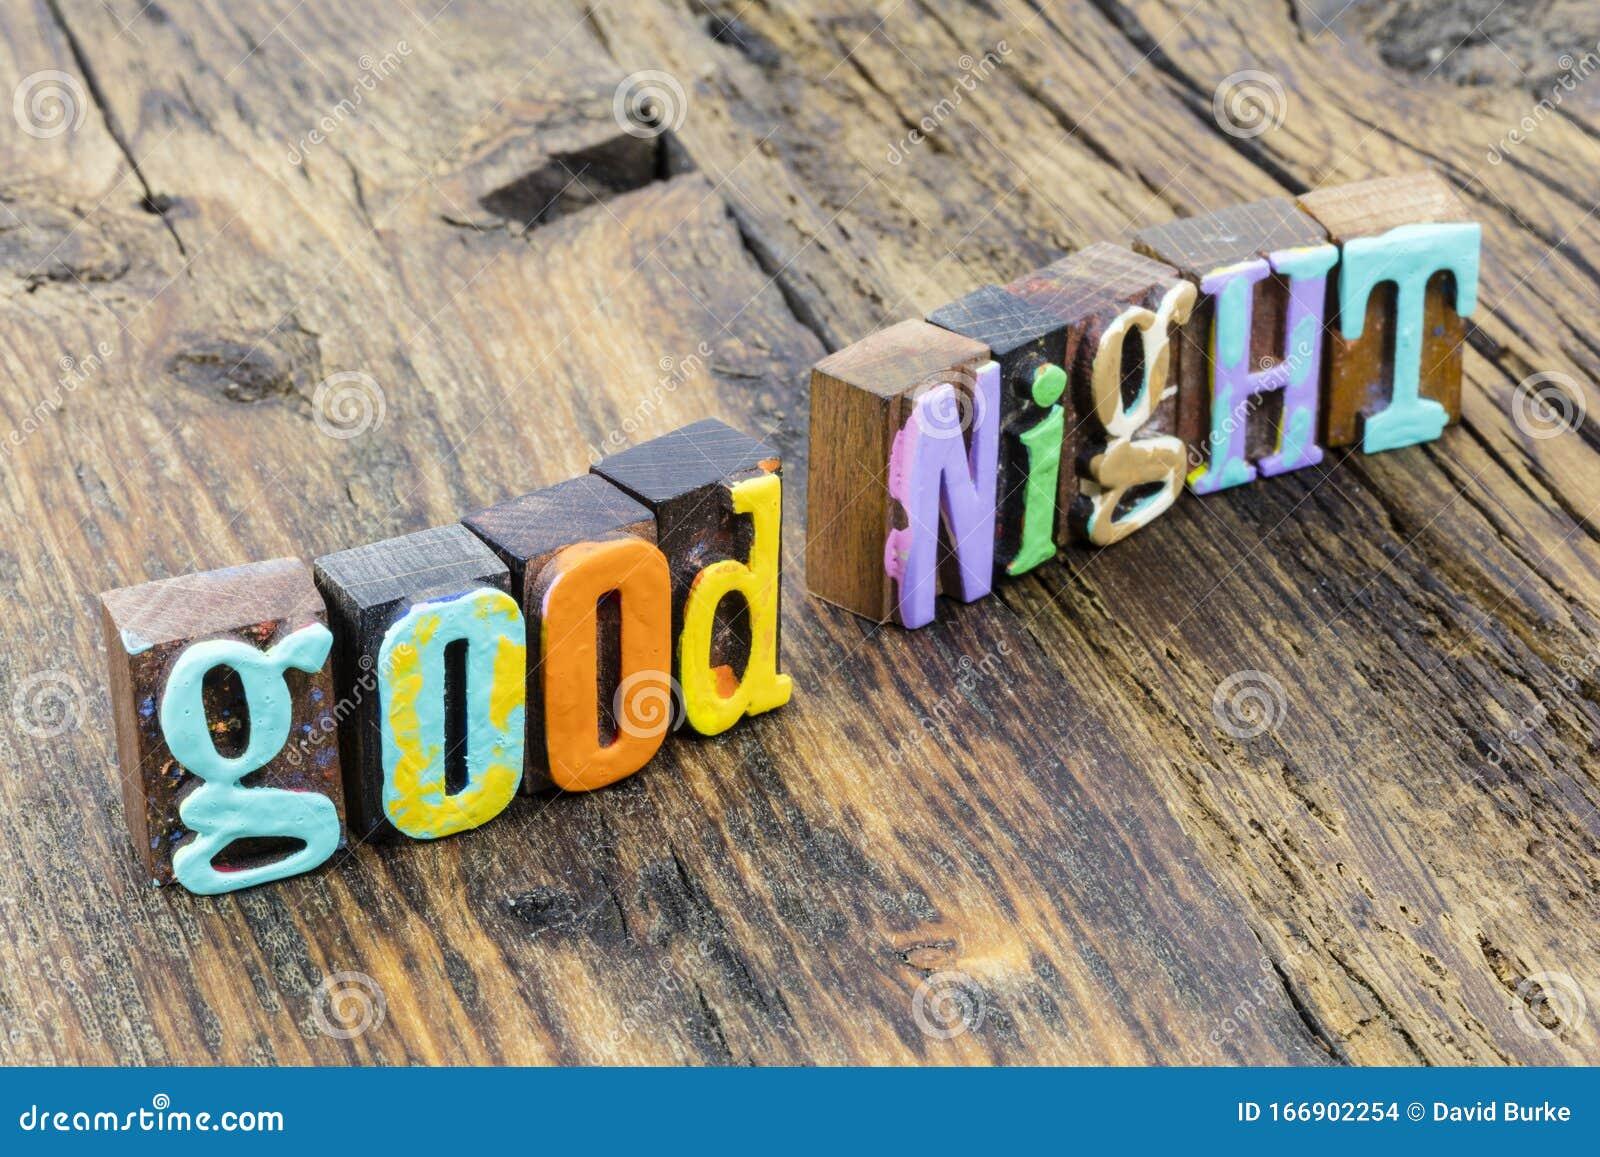 Gute grüße romantische nacht 50 »Wunderschöne«